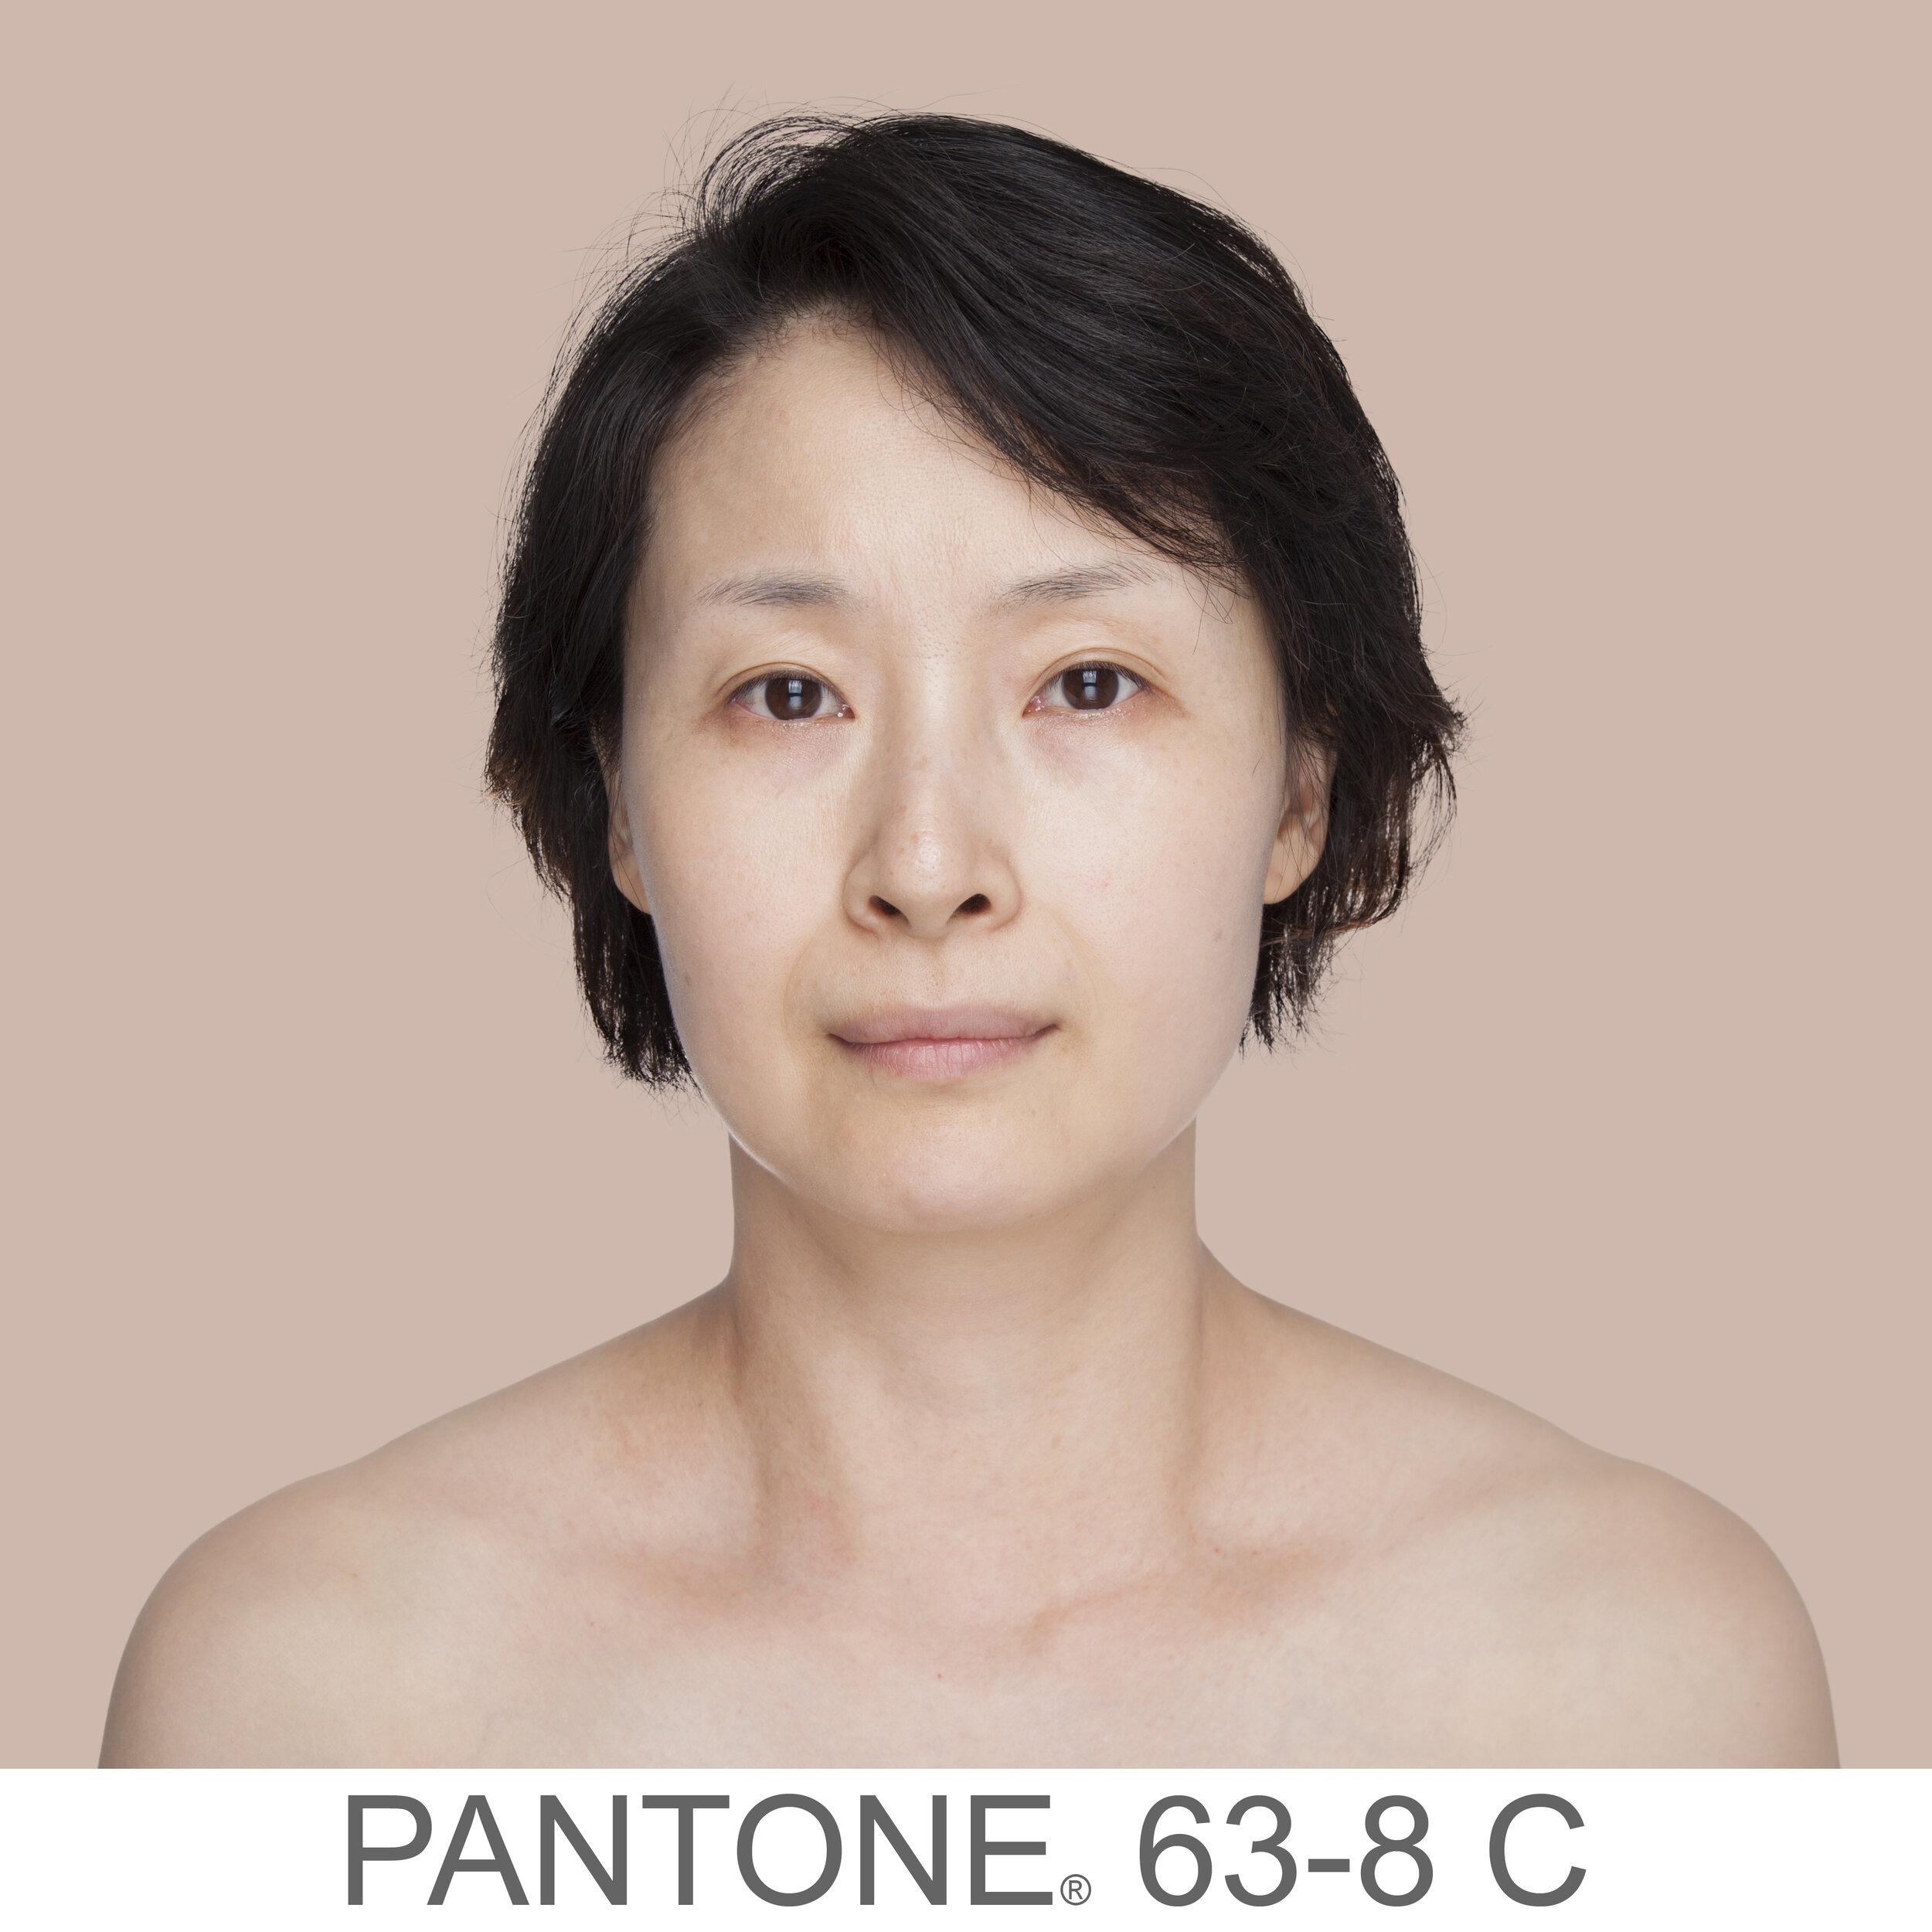 humanae 63-8 C CN copia.jpg